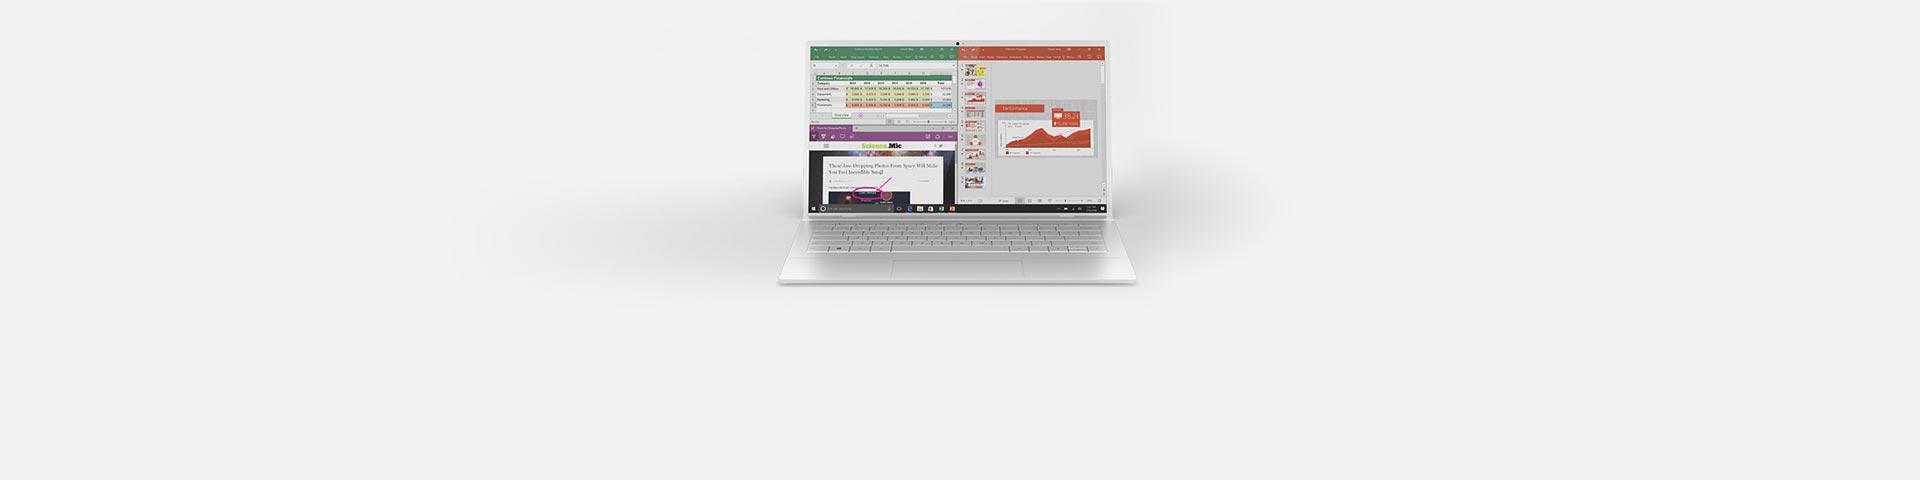 Ноутбук с приложениями Office на экране